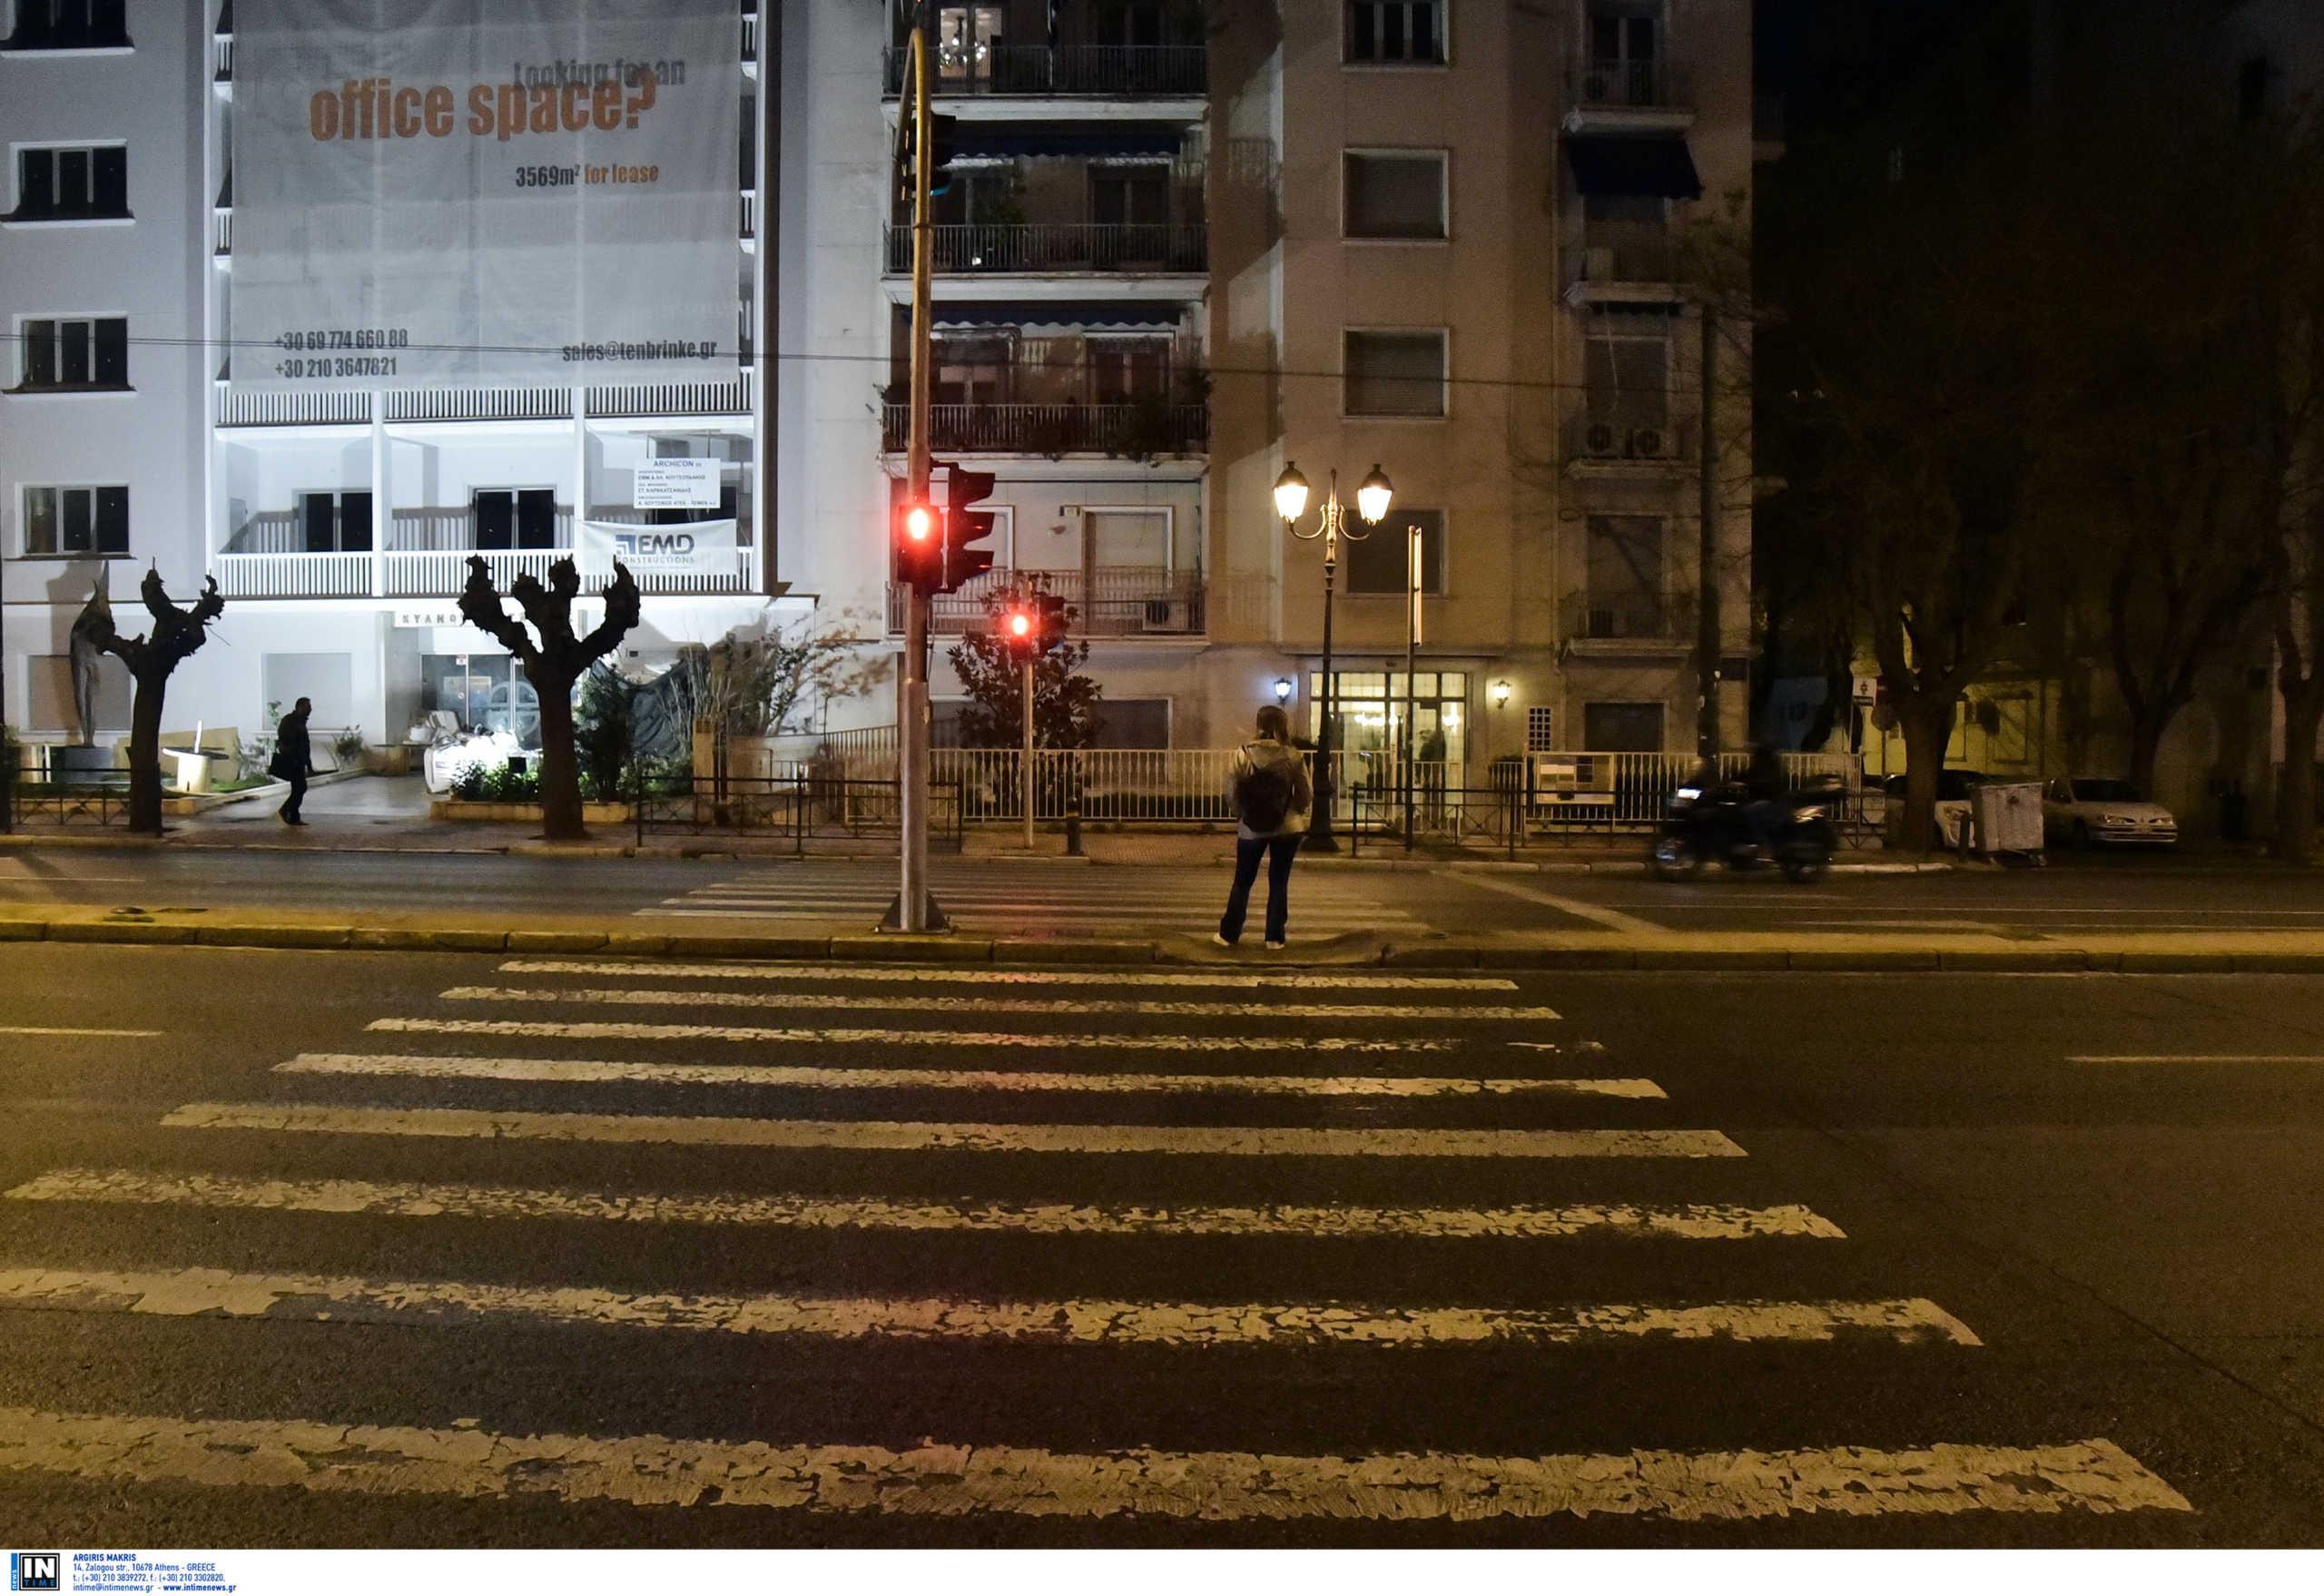 Κορονοϊός: Πως θα αλλάξει η ζωή μας από το Σαββάτο – Σε νυχτερινή καραντίνα πάνω από 5 εκατομμύρια πολίτες